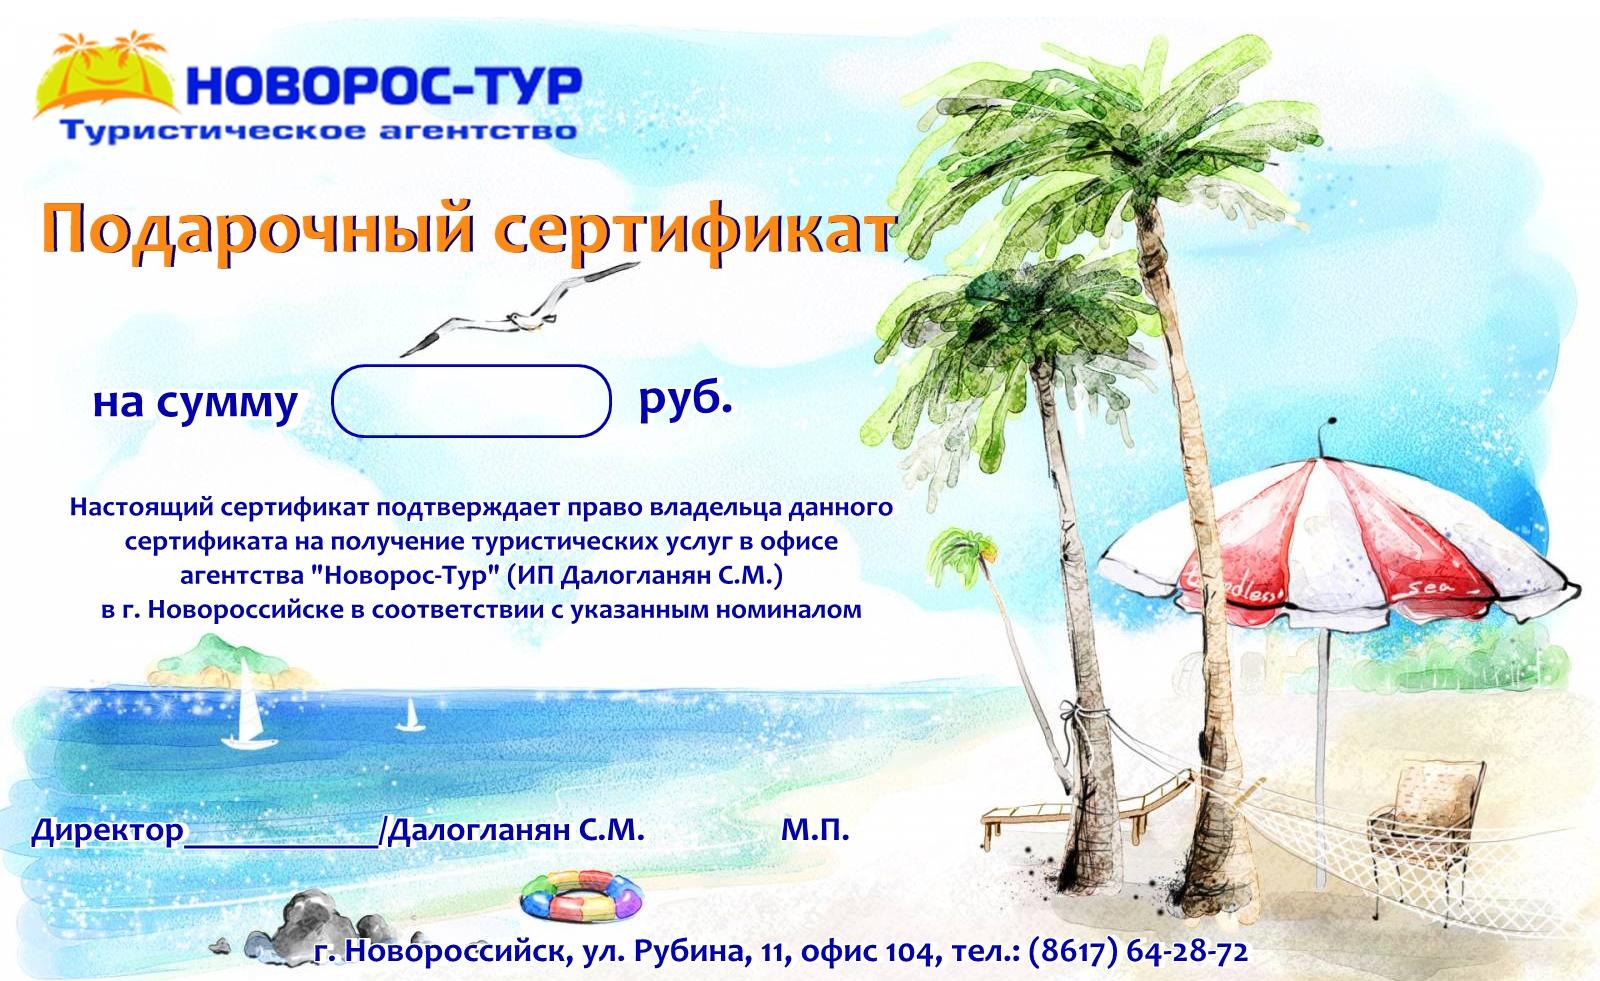 Туристические подарочные сертификаты. - 1001 Тур 14